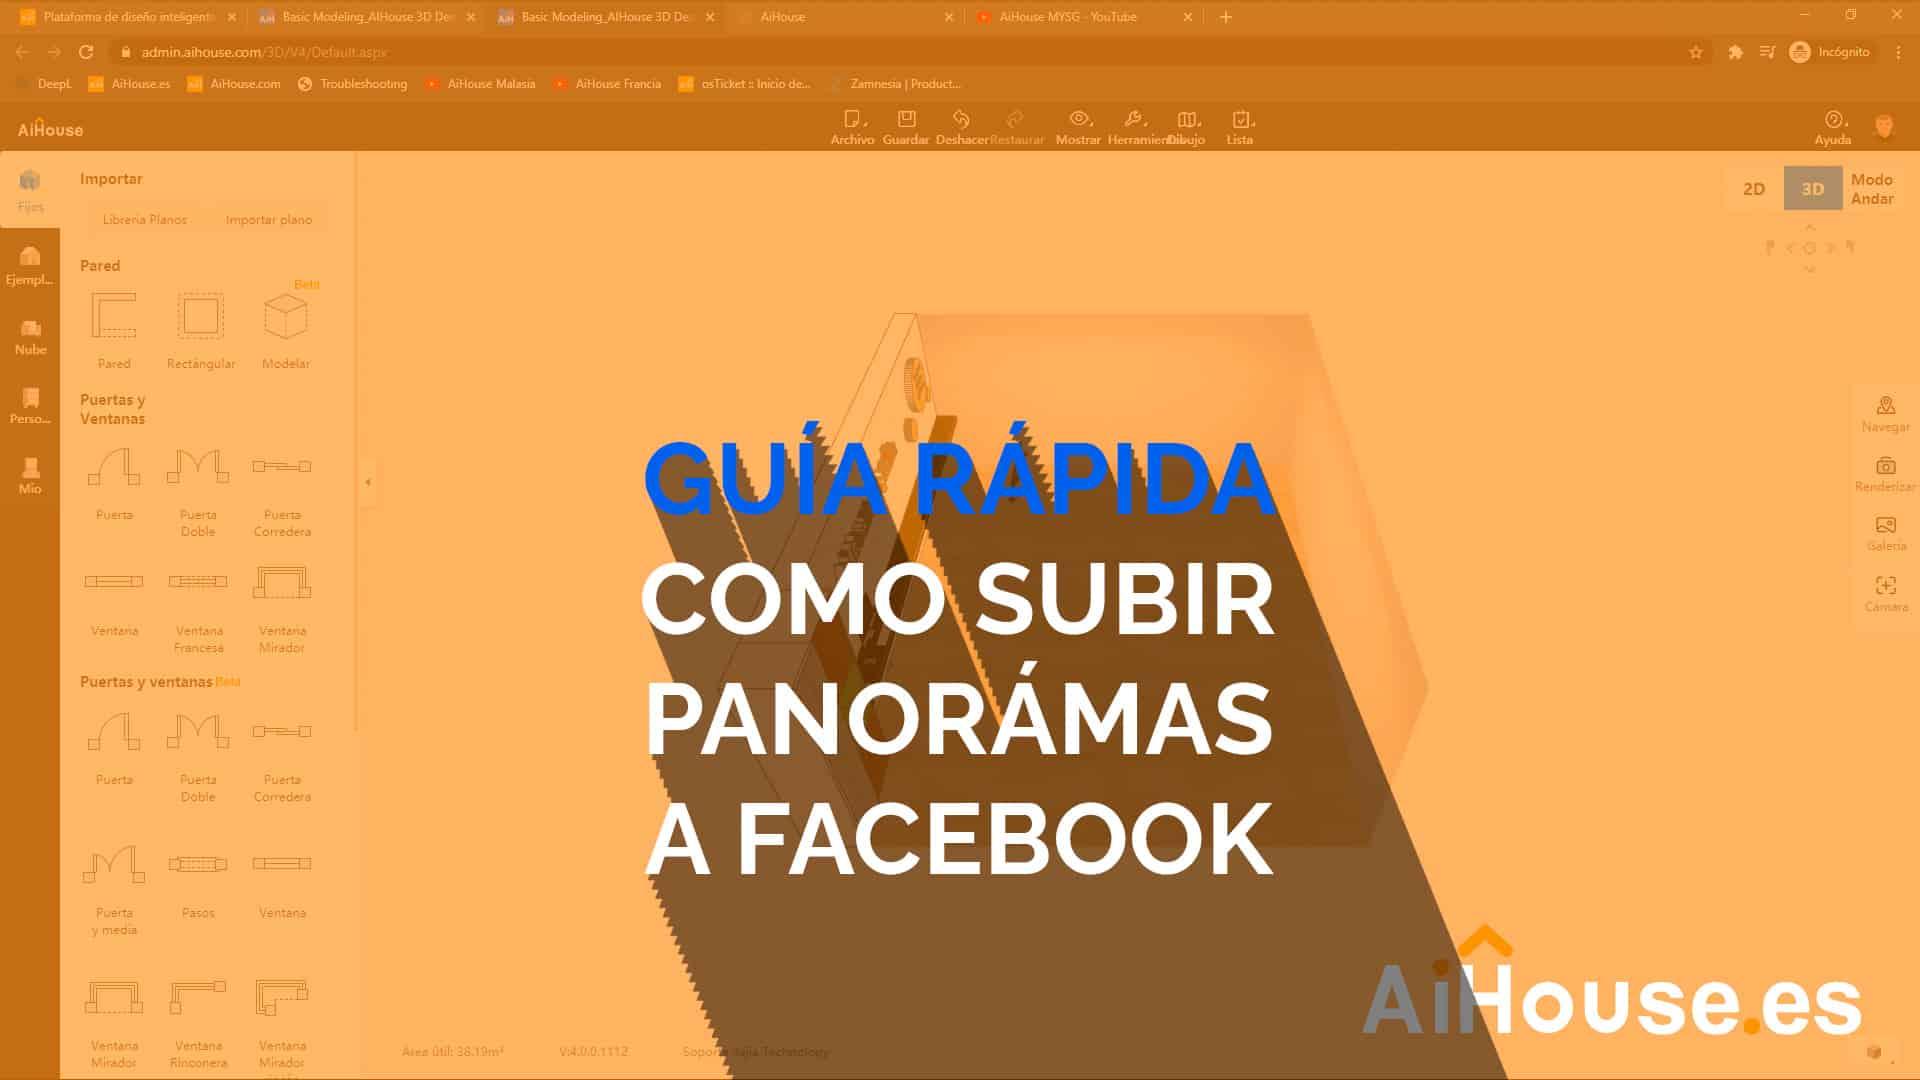 subir_A_facebook